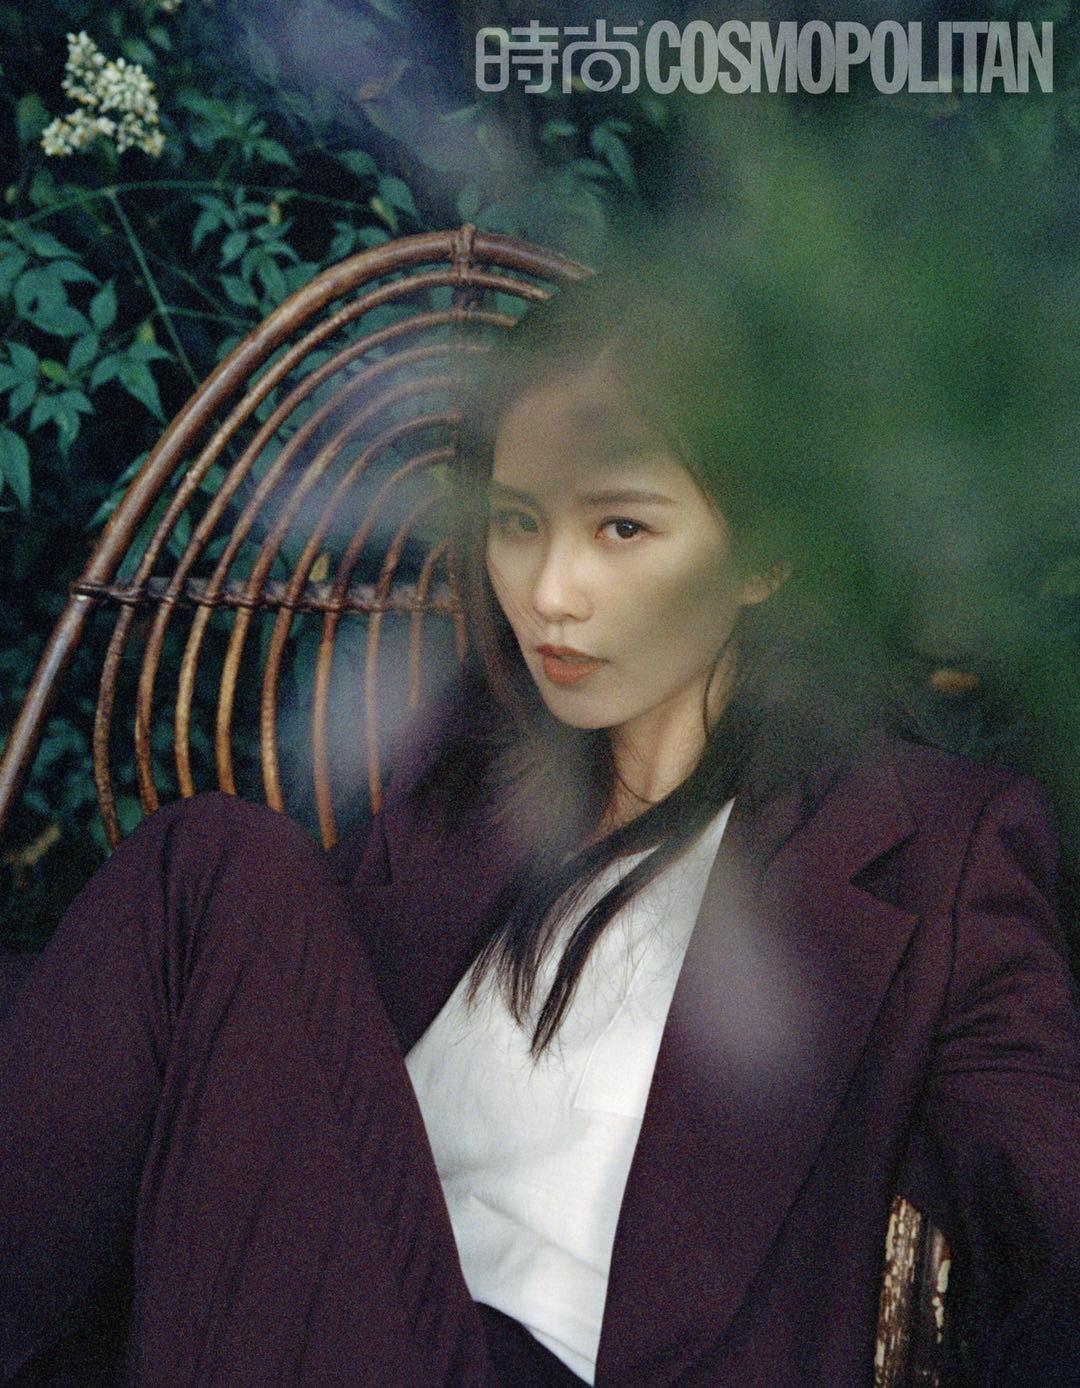 刘诗诗夏日胶片大片释出 清丽演绎午后悠闲时光7.jpg